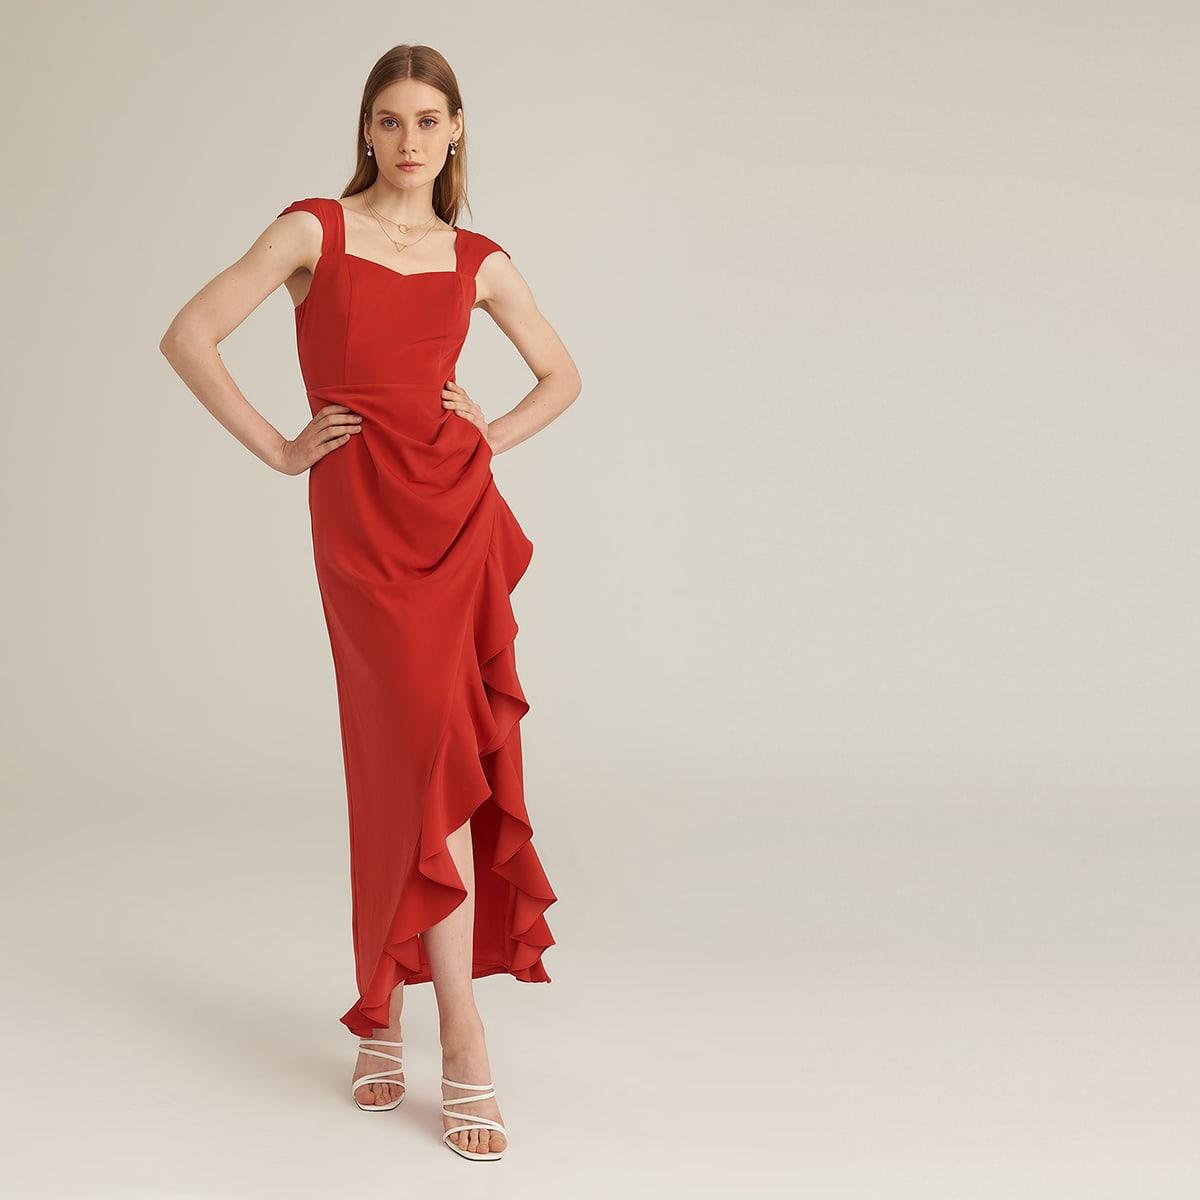 Официальное платье с оборкой